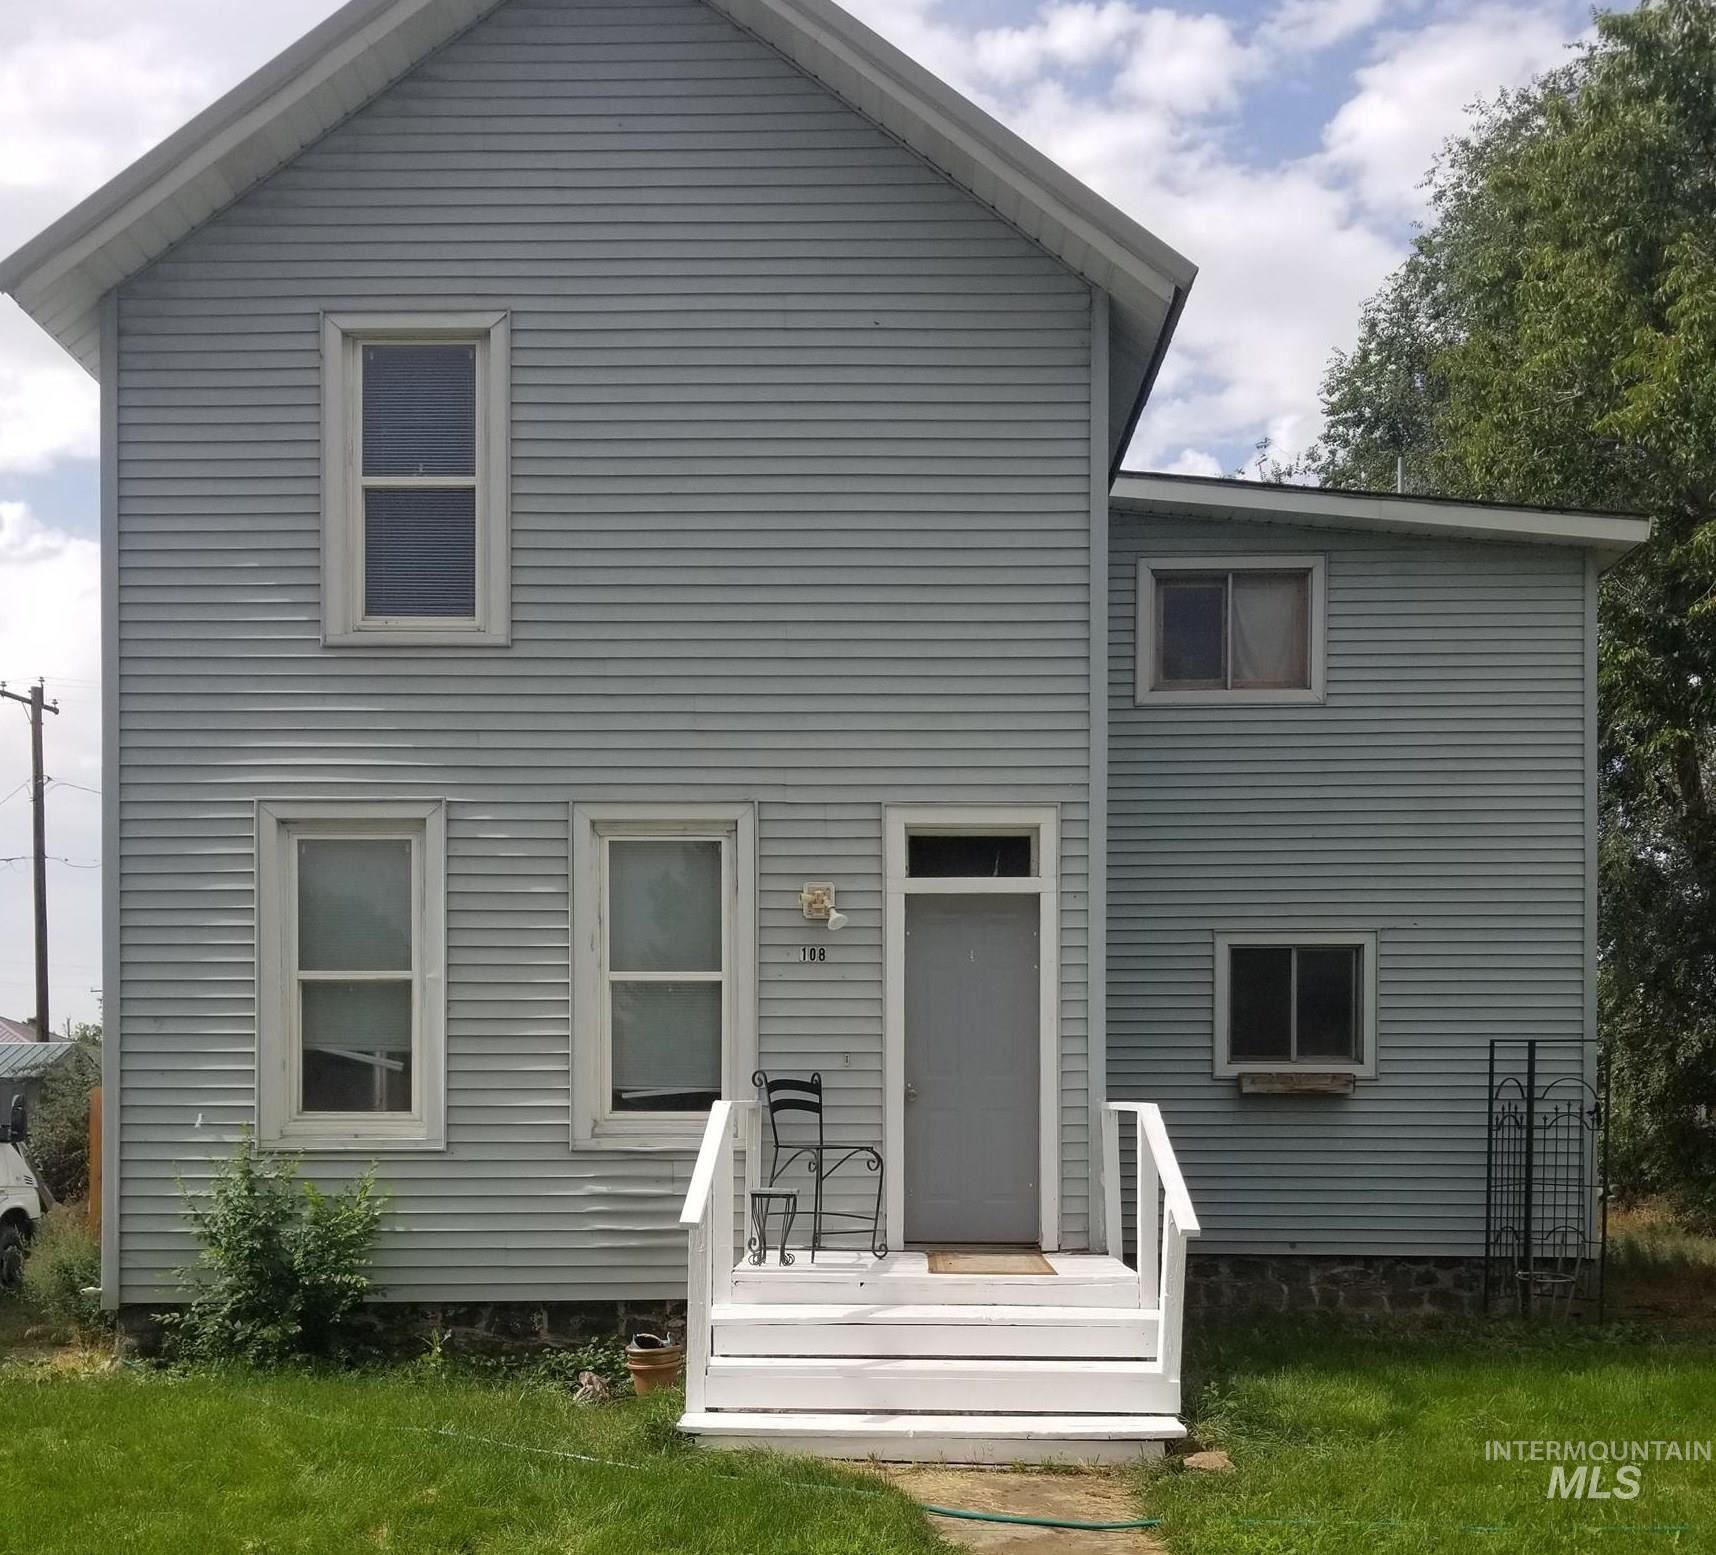 108 E C Street, Shoshone, ID 83352 - MLS#: 98810994